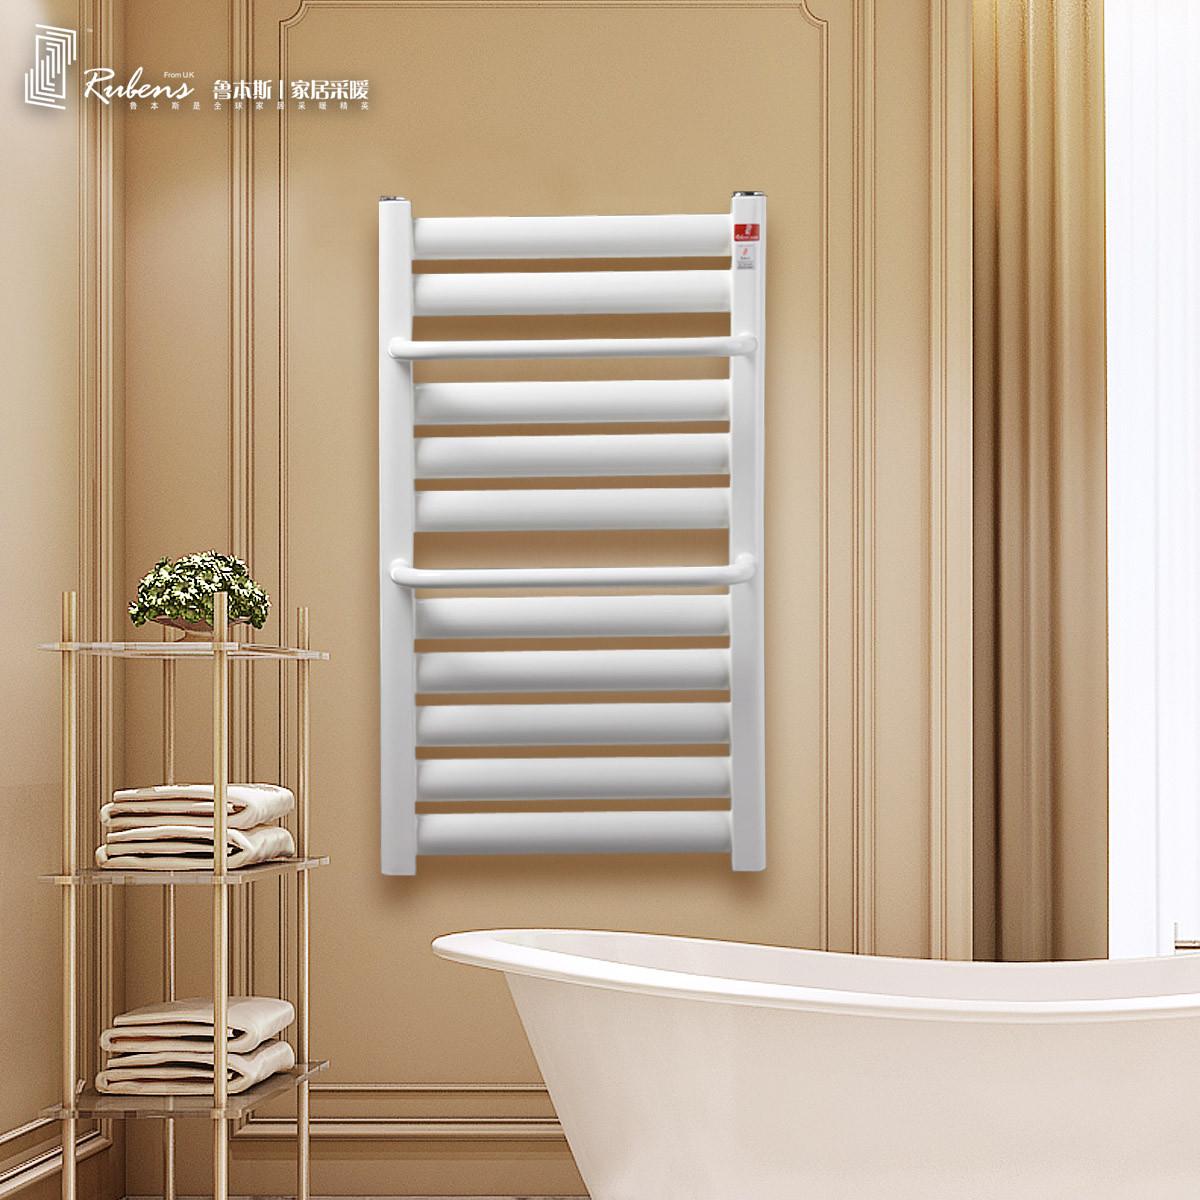 鲁本斯 钢卫浴挂墙含毛巾杆式集中供热 卫浴10+2,宽450,高800暖气片散热器